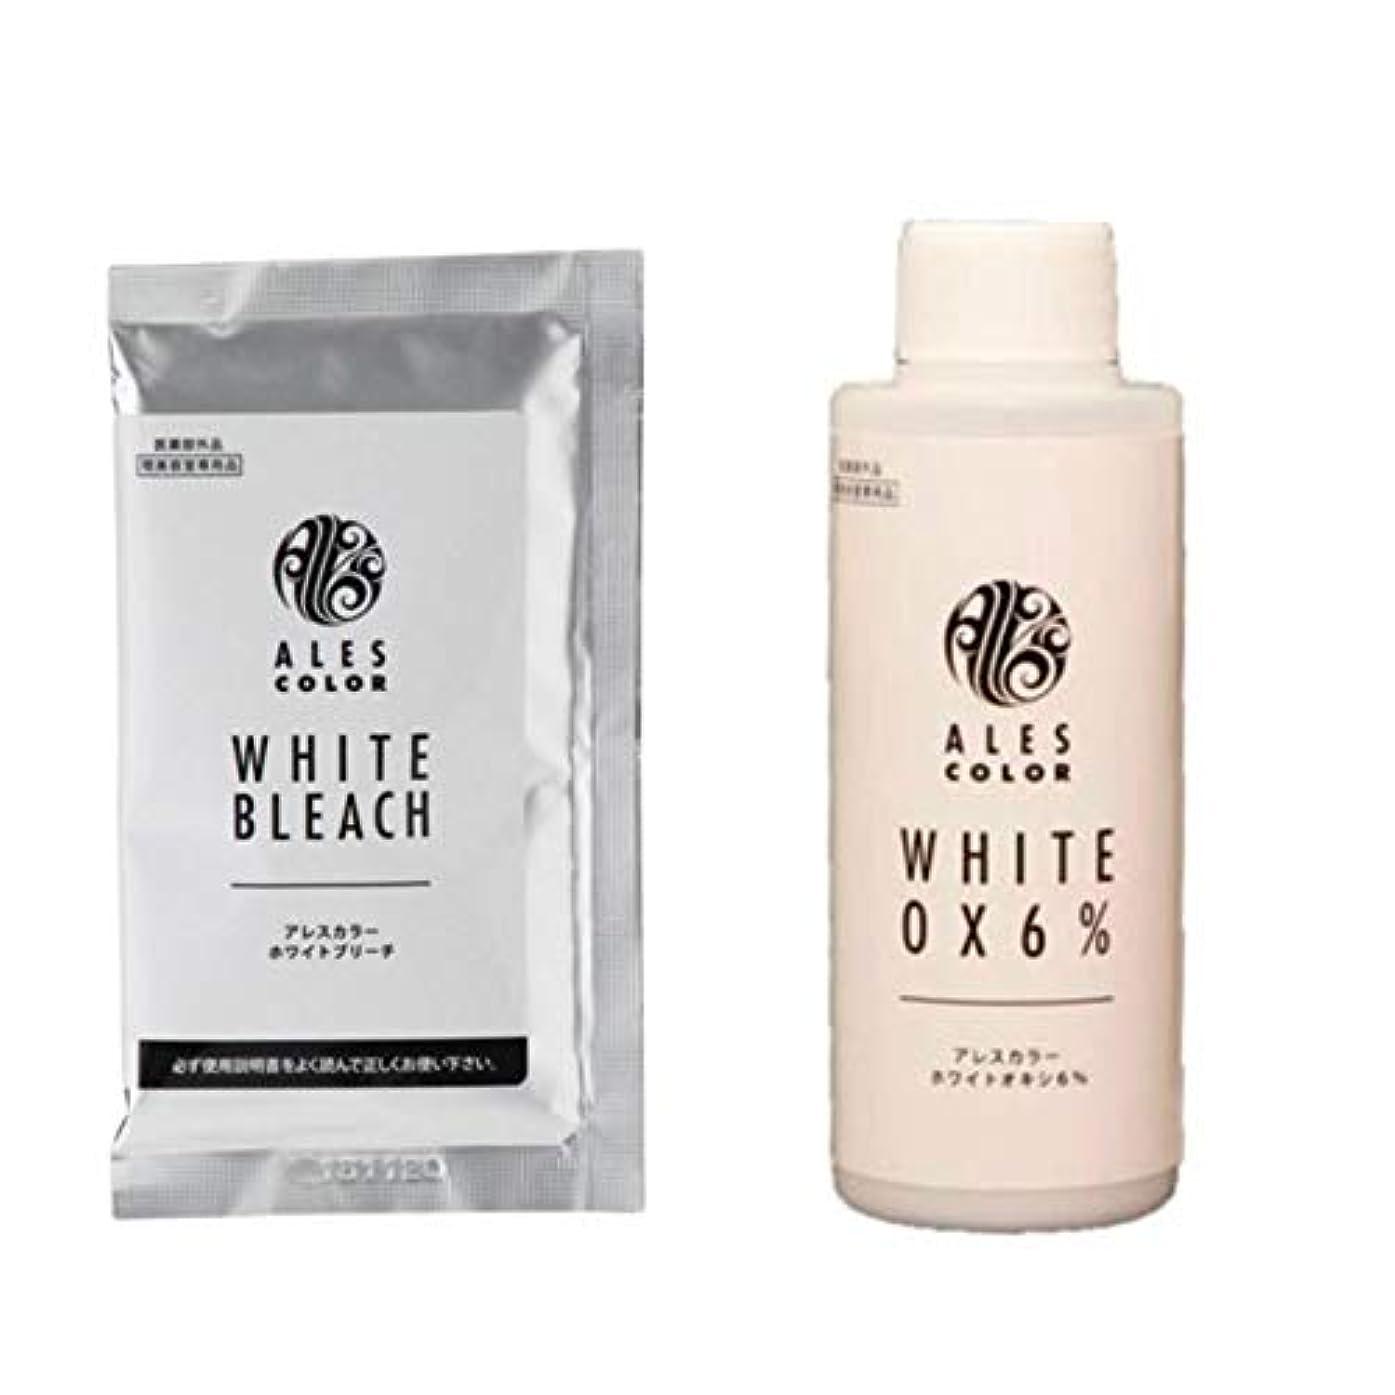 砂黒板支払うアレスカラー ホワイトブリーチ セット(1剤) 30g ホワイトオキシ6% 120ml